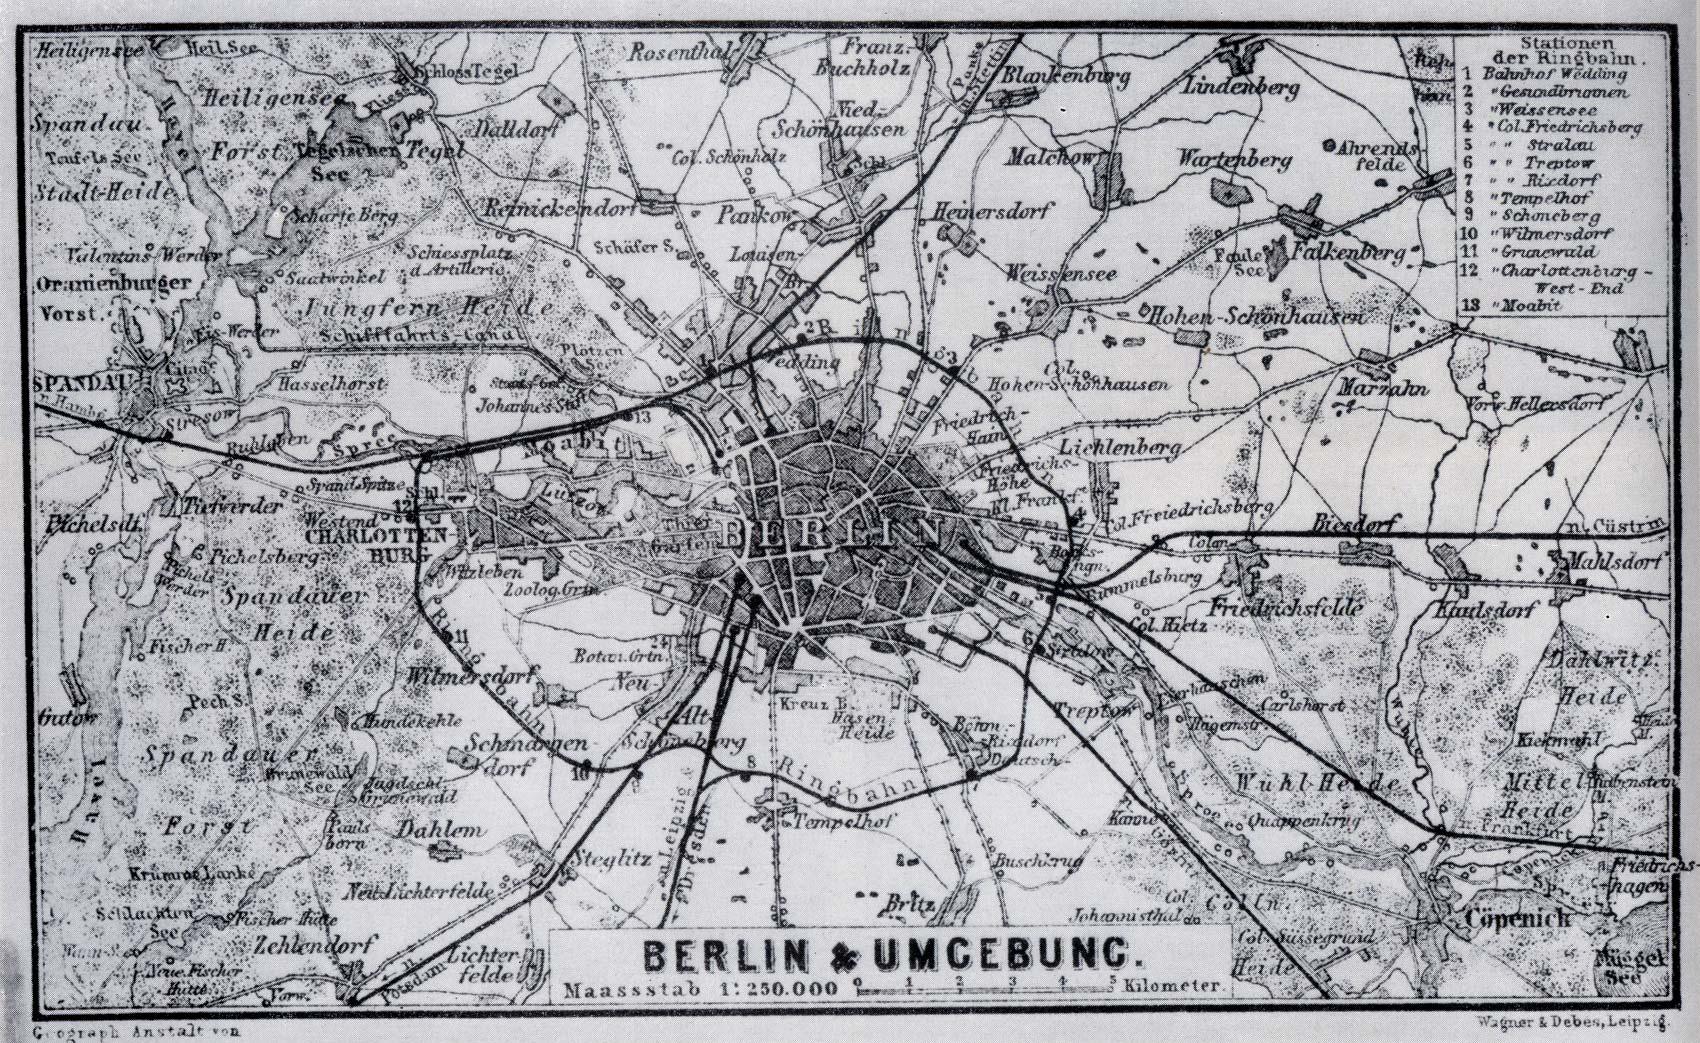 Verband GroßBerlin Wikiwand - Berlin map 1914